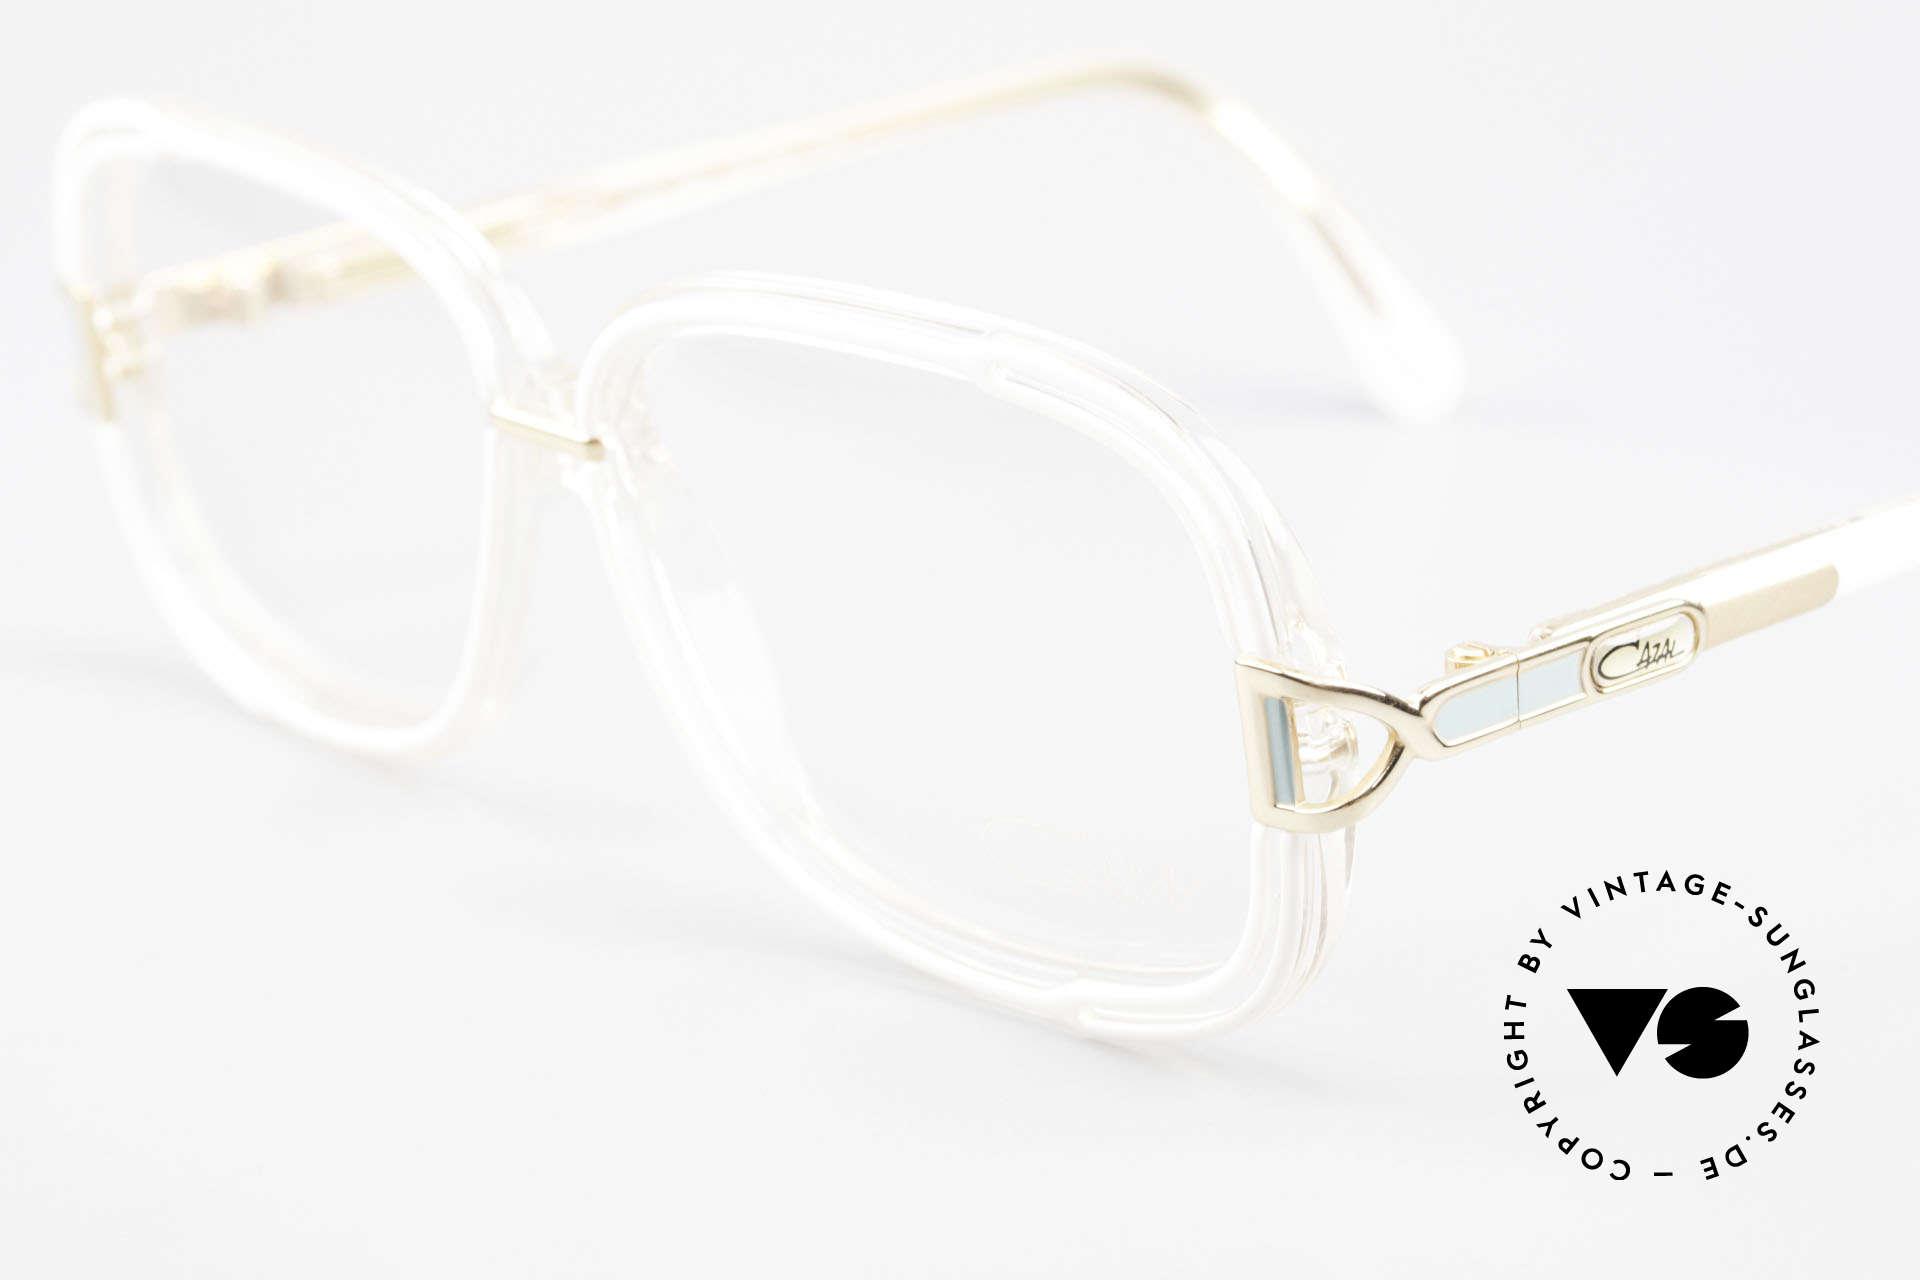 Cazal 320 West Germany Damen Cazal, ungetragen (wie alle unsere Cazal Brillenfassungen), Passend für Damen